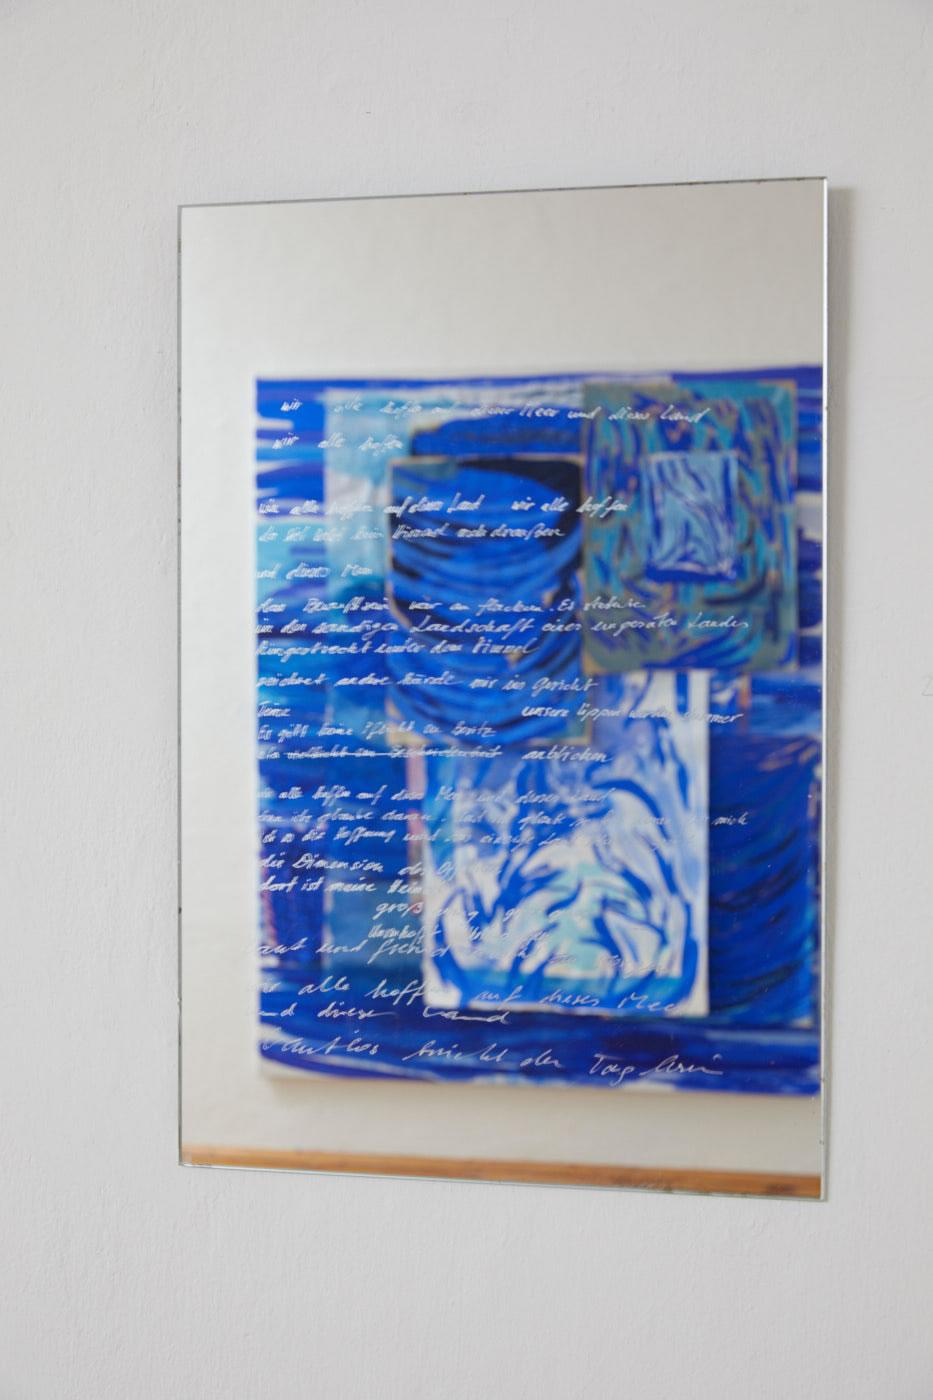 Veronika Dirnhofer | Zeichnet andere Hände mir ins Gesicht | 2018 | Spiegel graviert | 60 x 40 cm | Galerie3 | Foto Johannes Puch